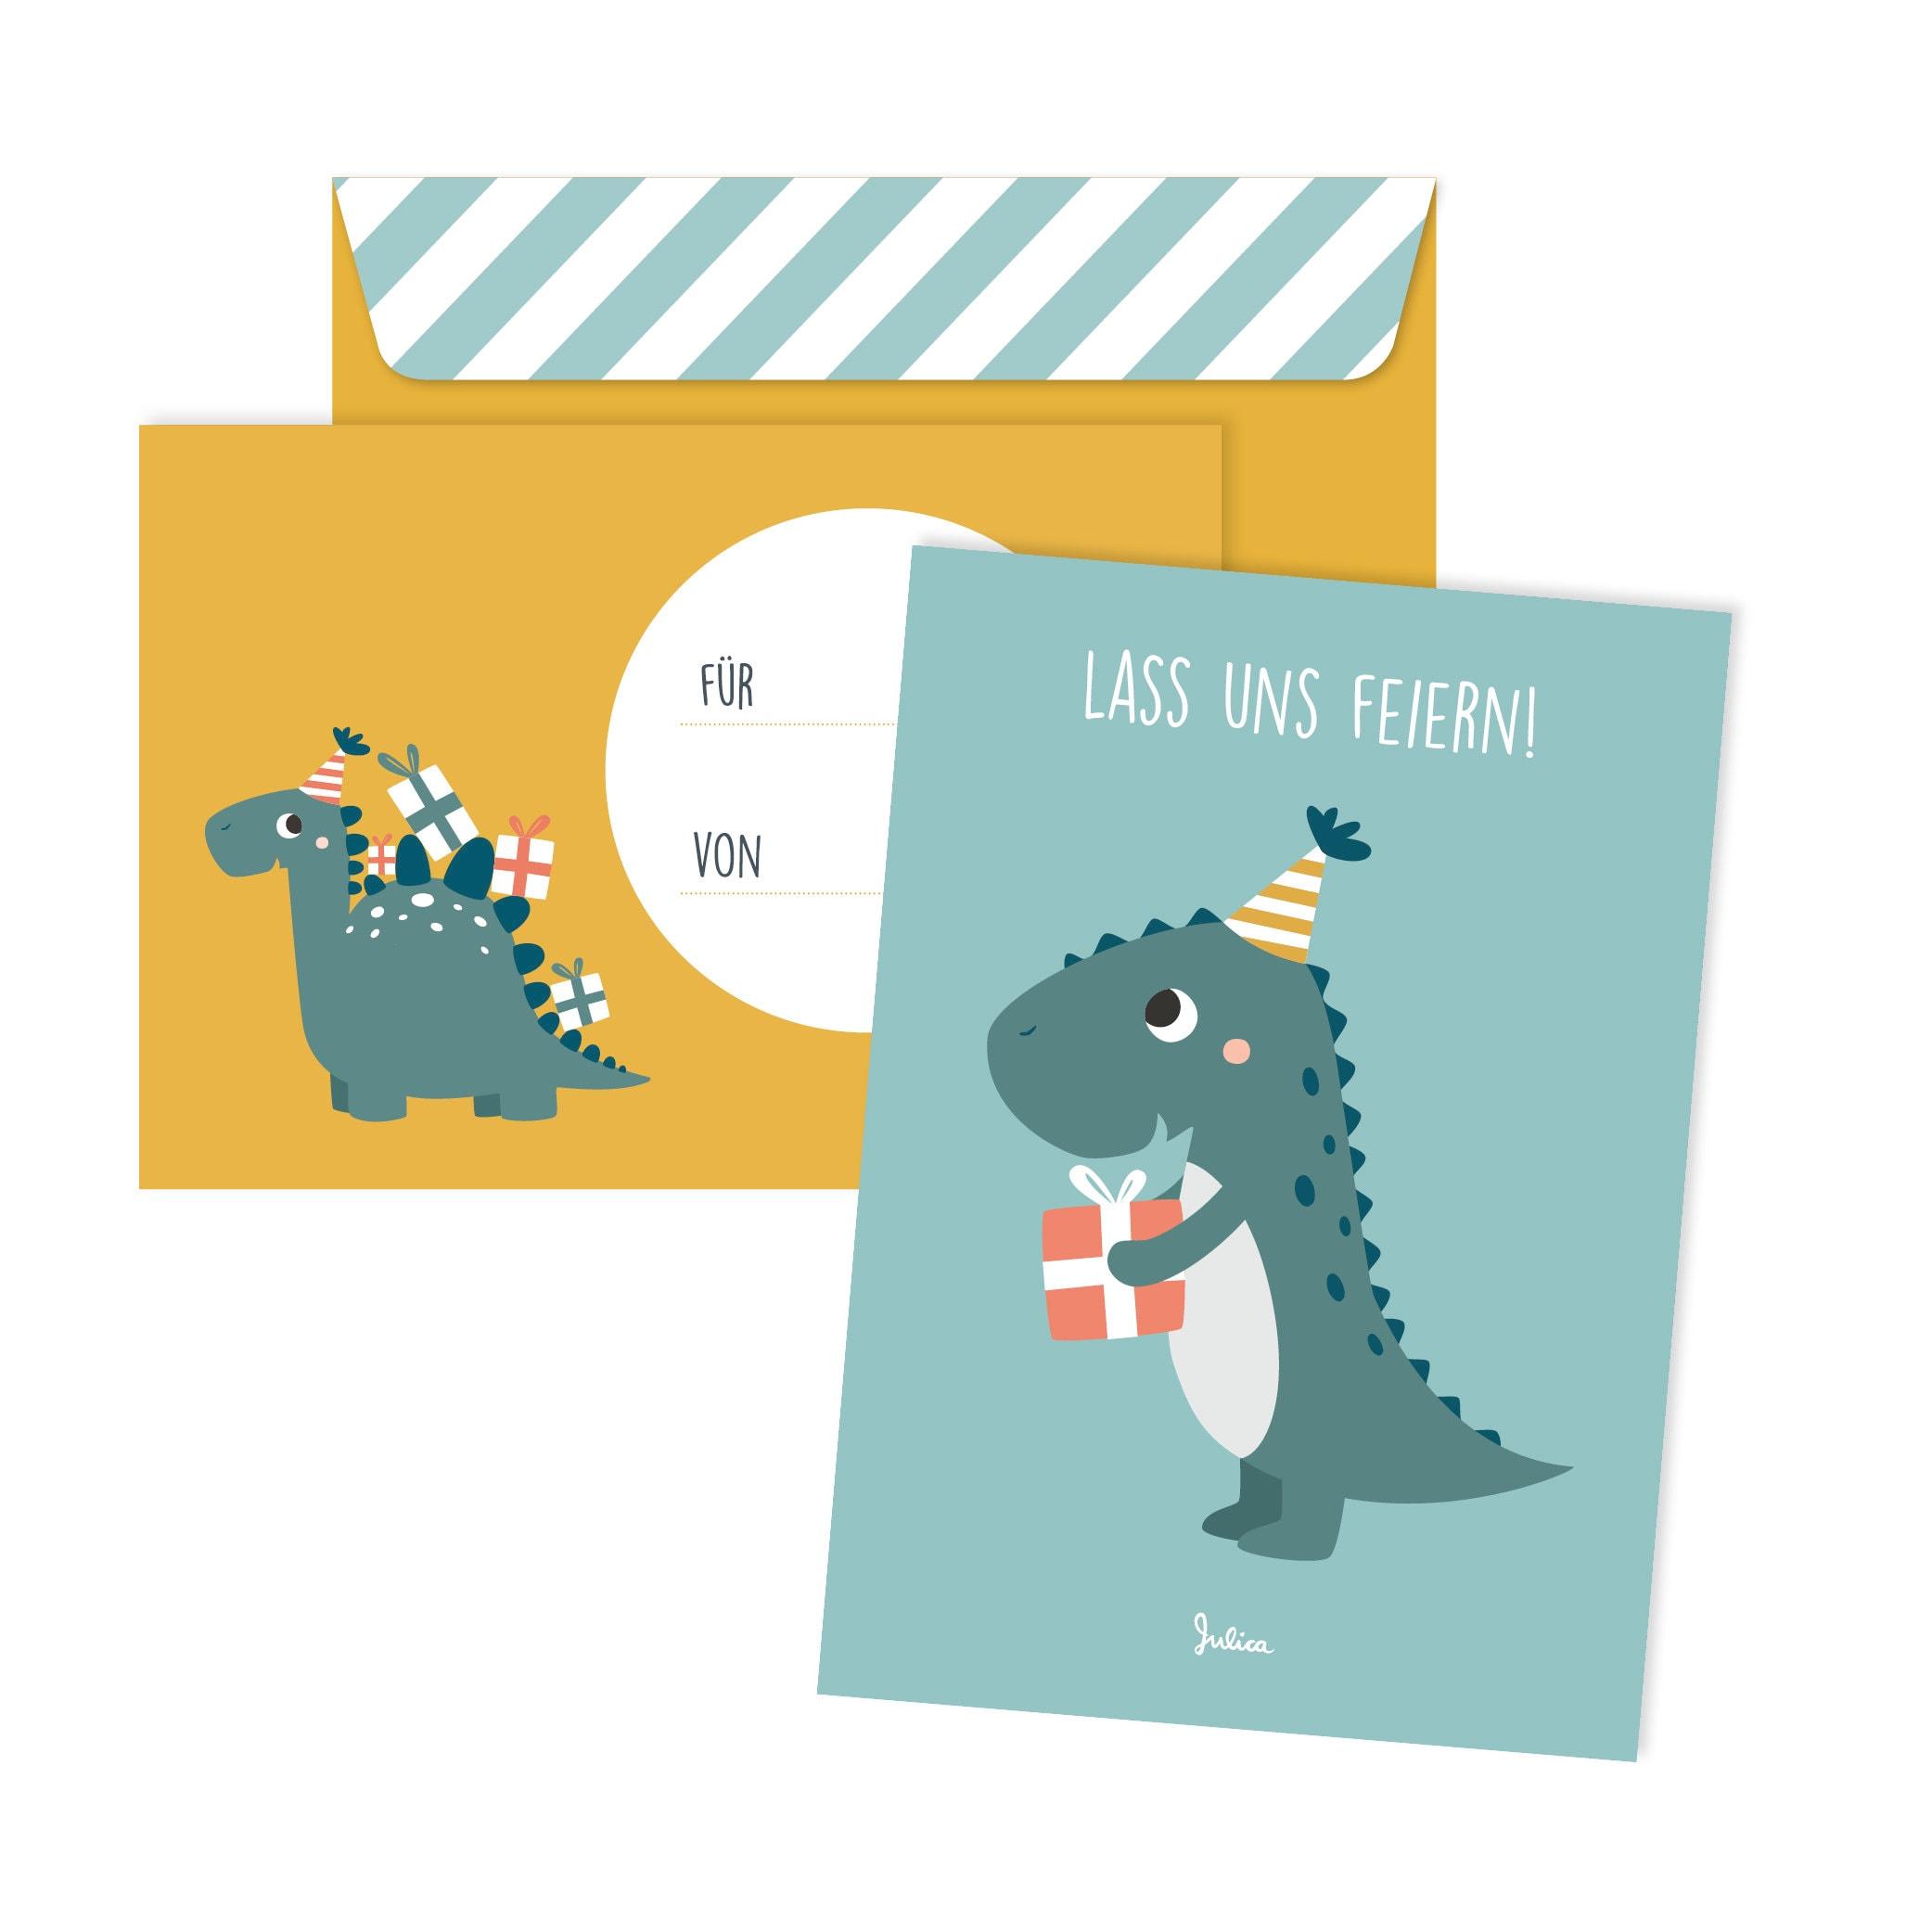 8 Dino-Einladungen Einladungskarten Umschlag Dinosaurier Geburtstagseinladungen